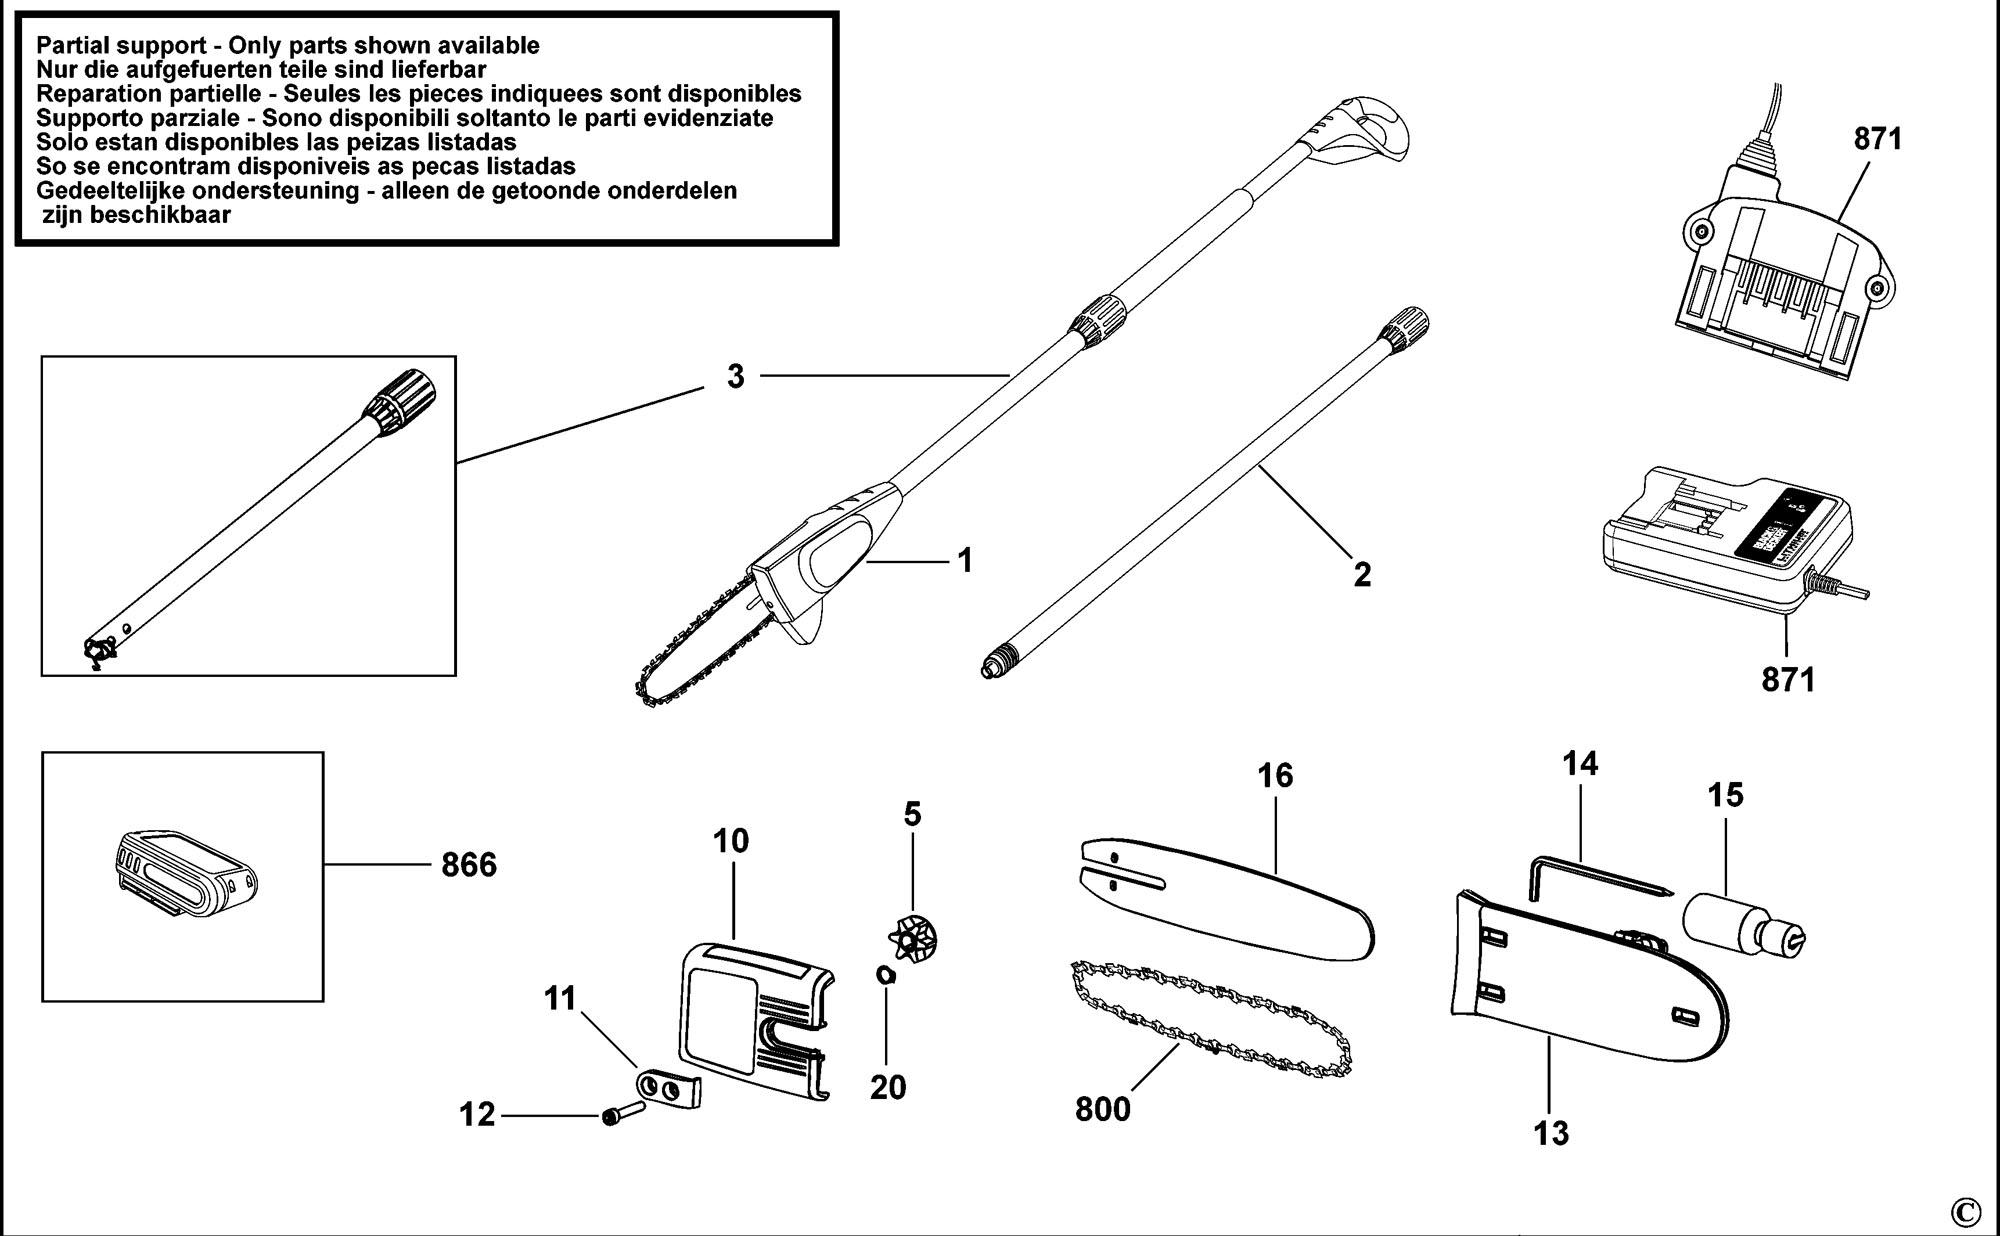 Spares For Black Amp Decker Gpc L Pruner Type H1